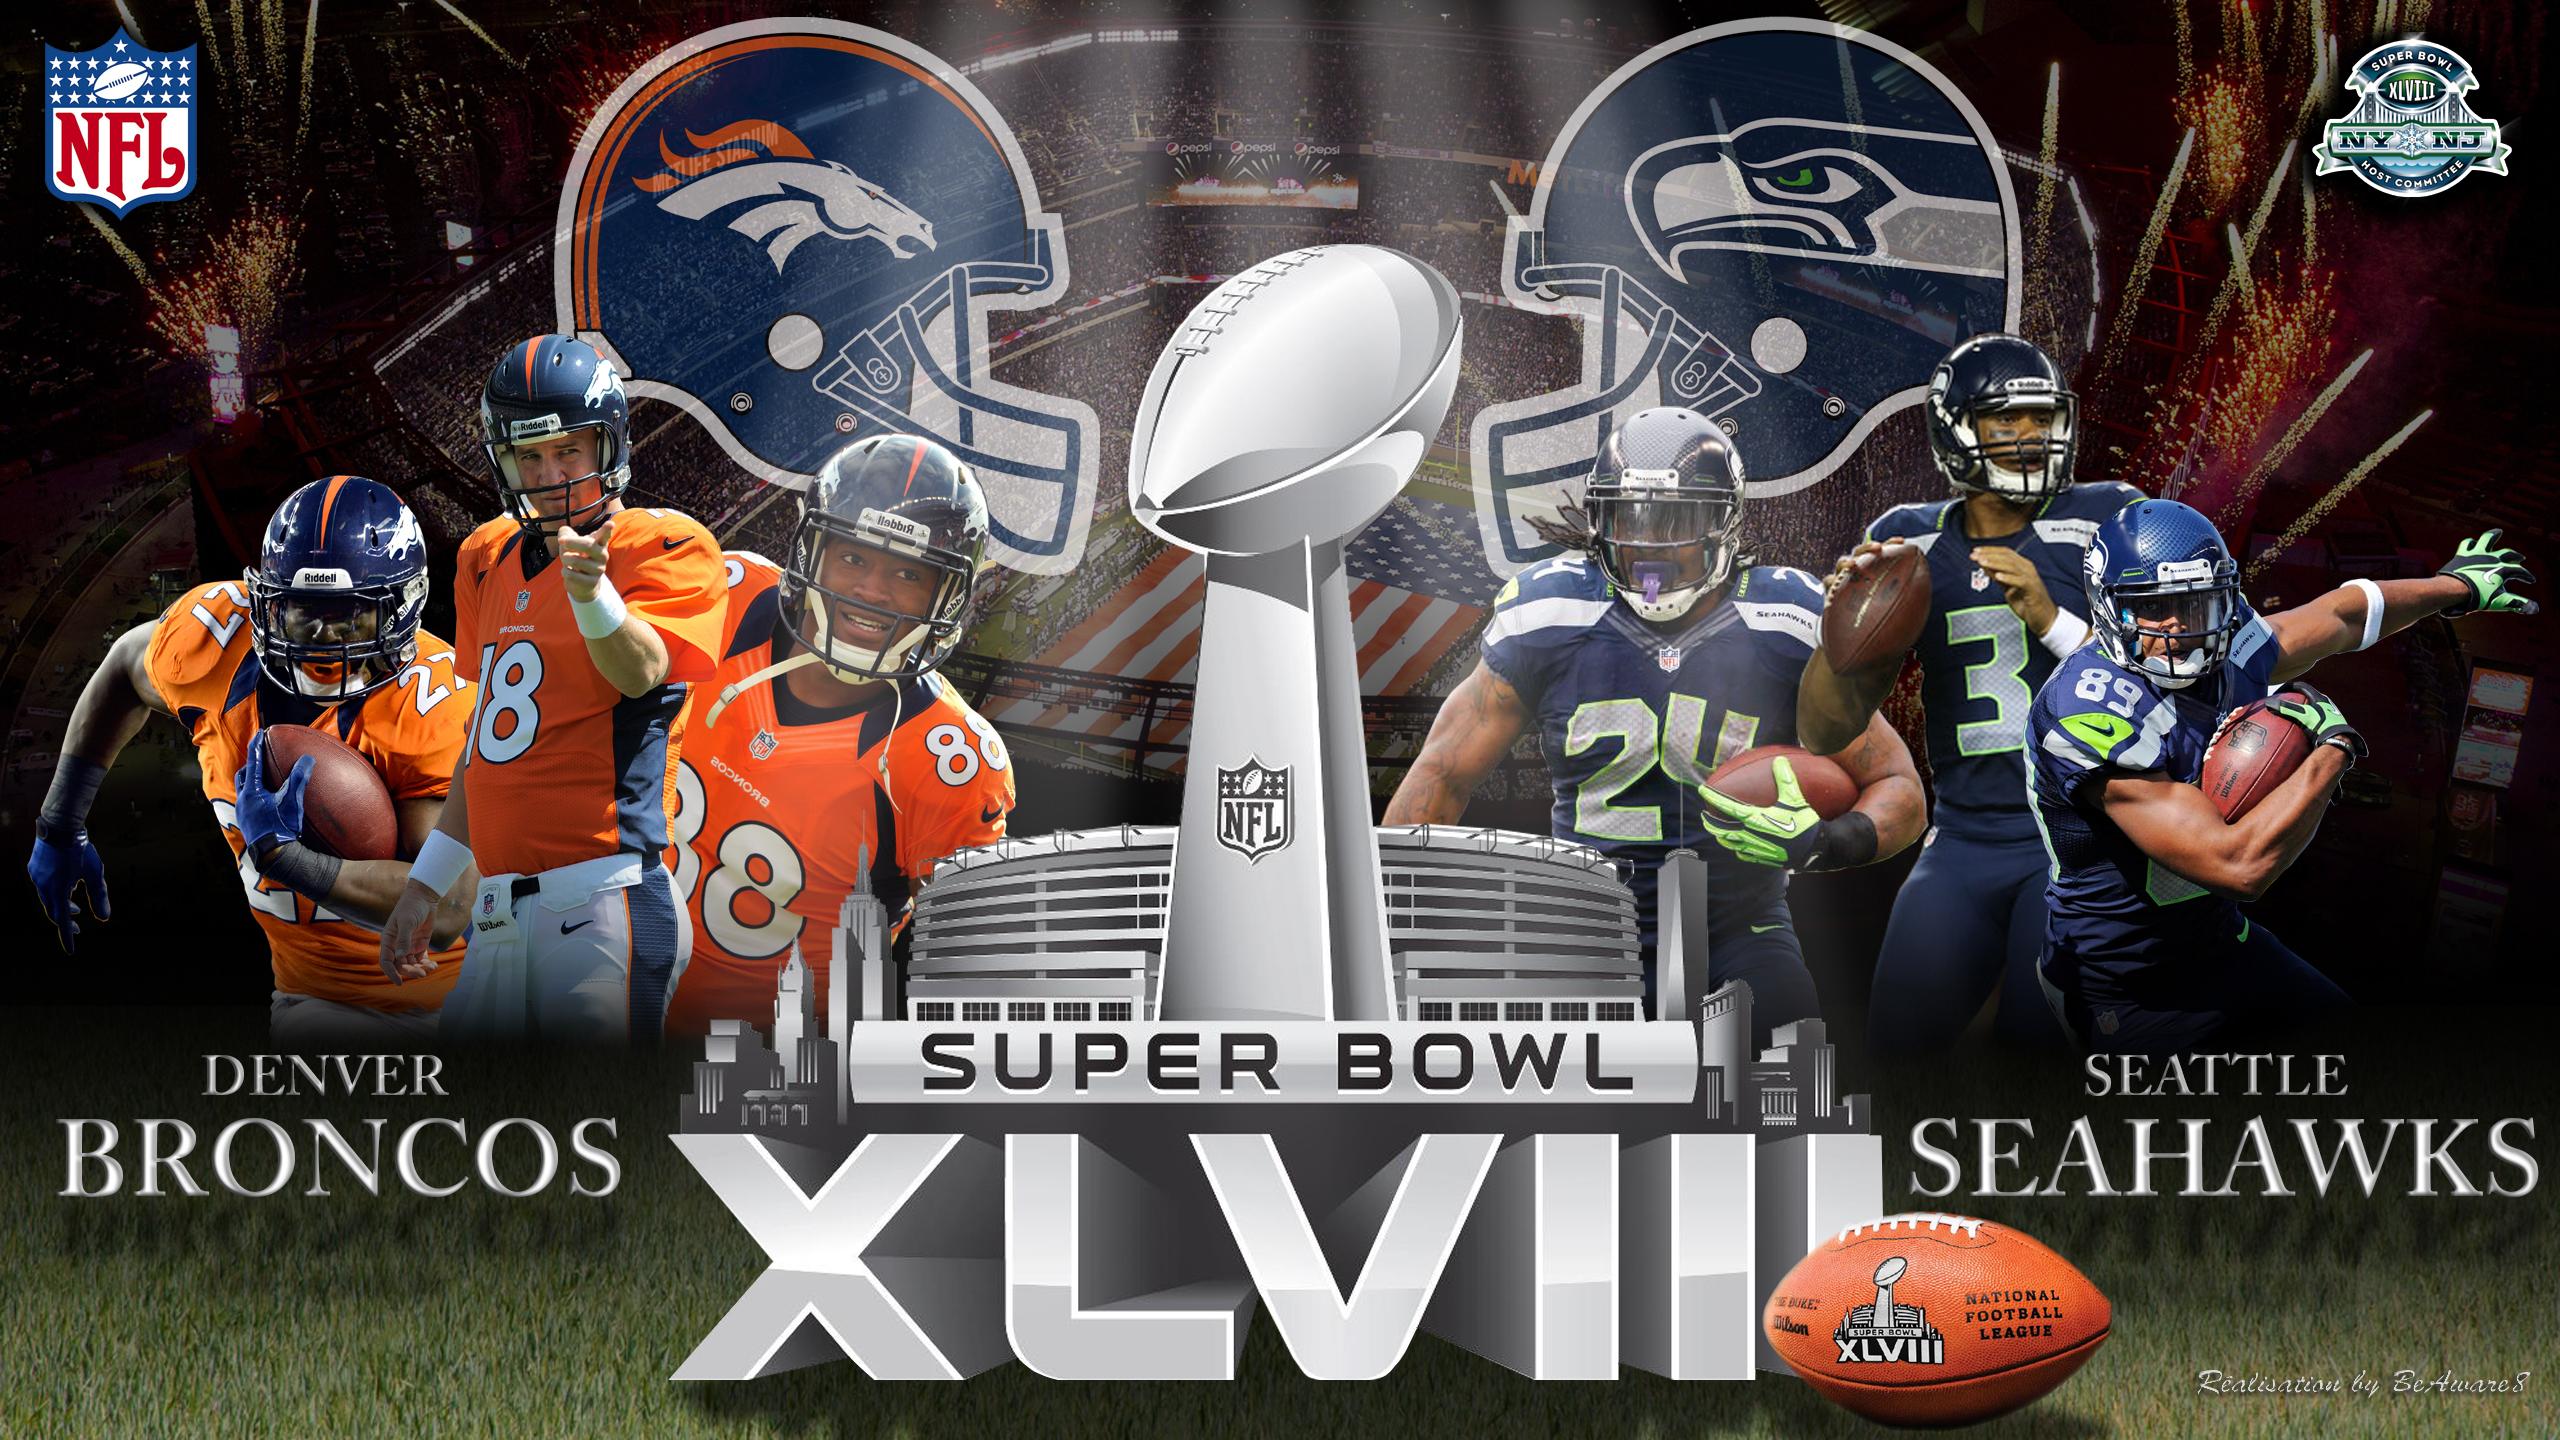 Seahawks vs Broncos Super Bowl 2560x1440